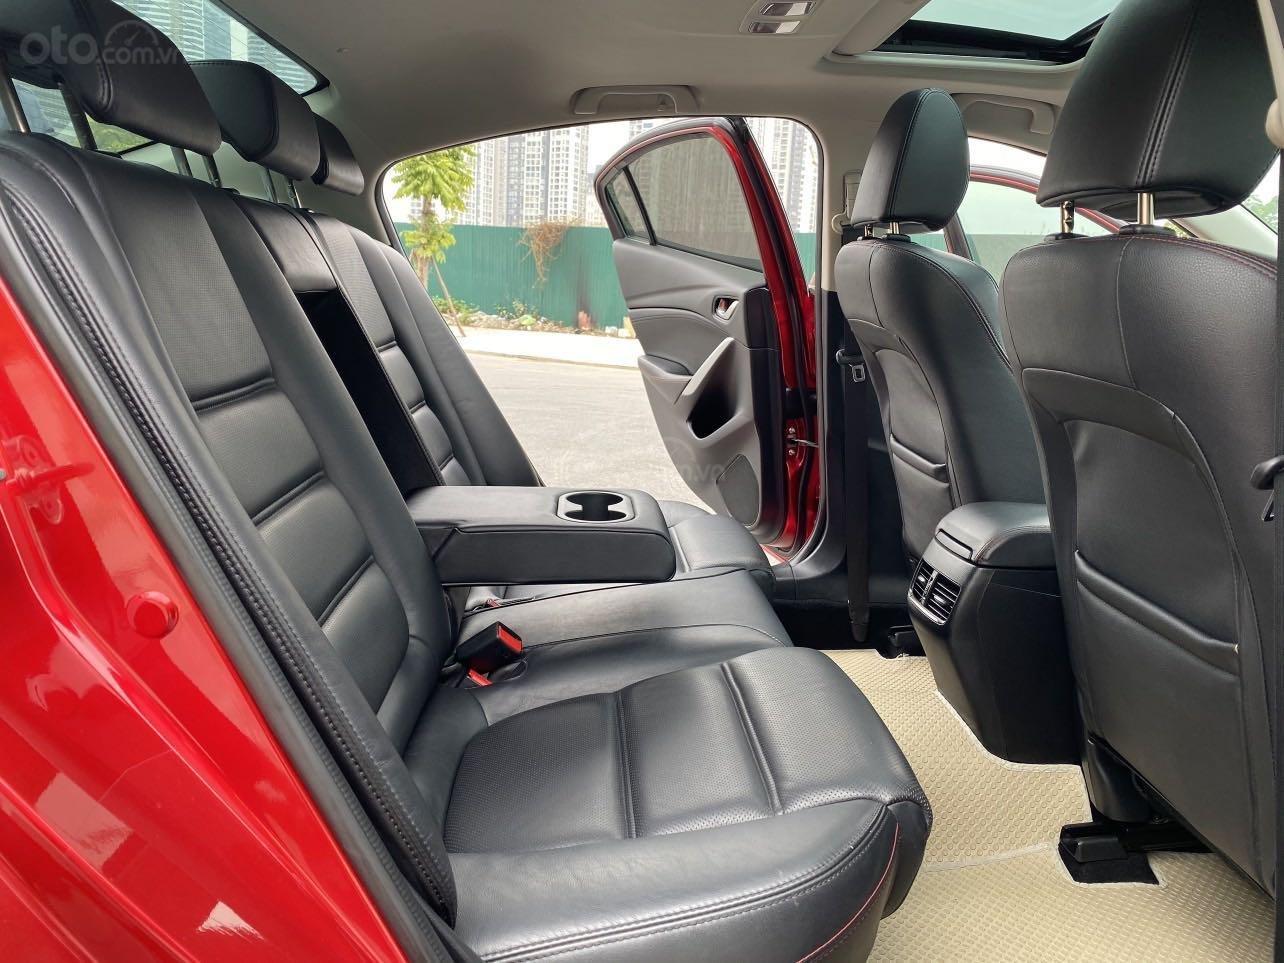 Bán nhanh chiếc Mazda 6 2.5AT 2015 chủ đi cực giữ gìn (8)